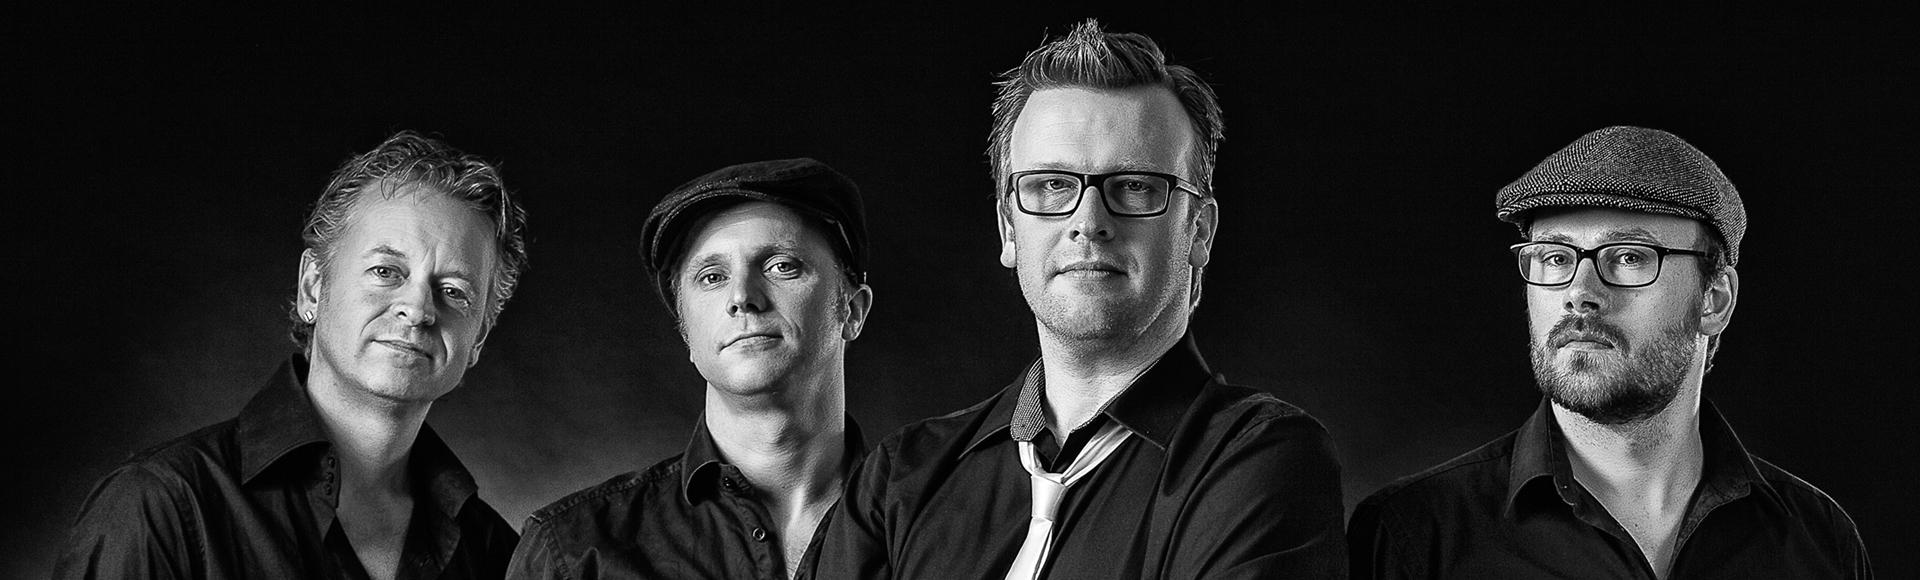 Coverband Koest tijdens Jaarmarkt 2015